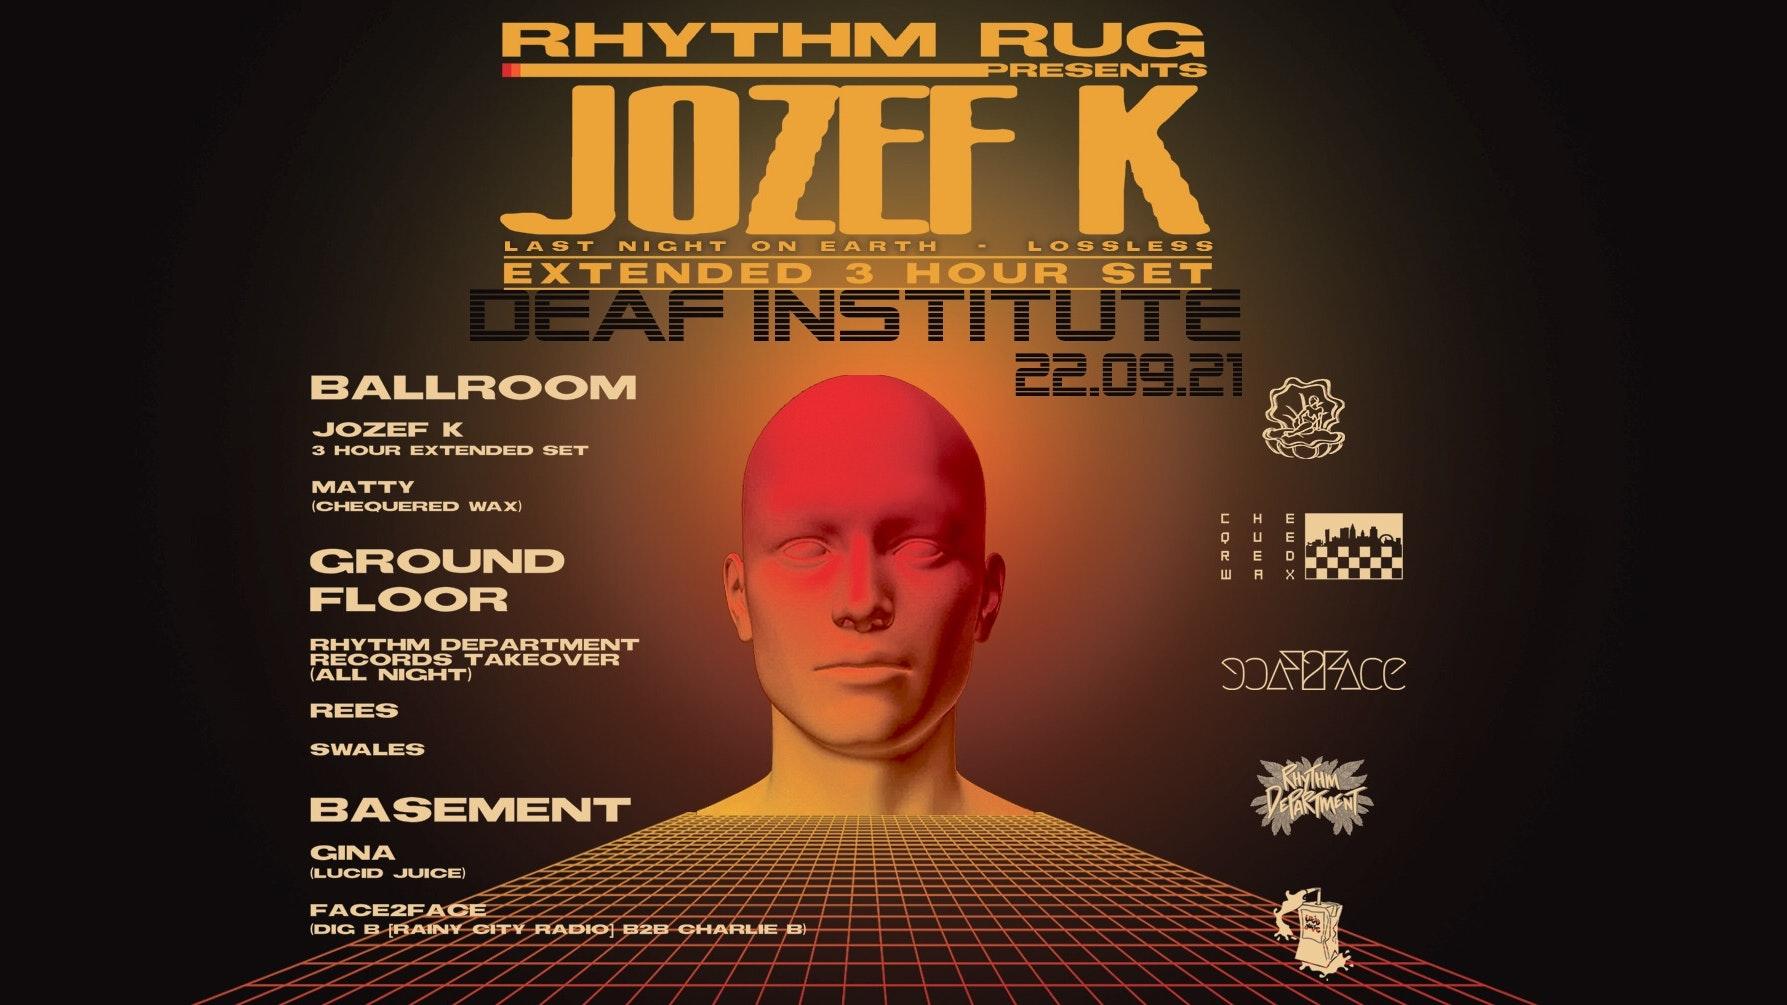 Rhythm Rug Presents: Jozef K